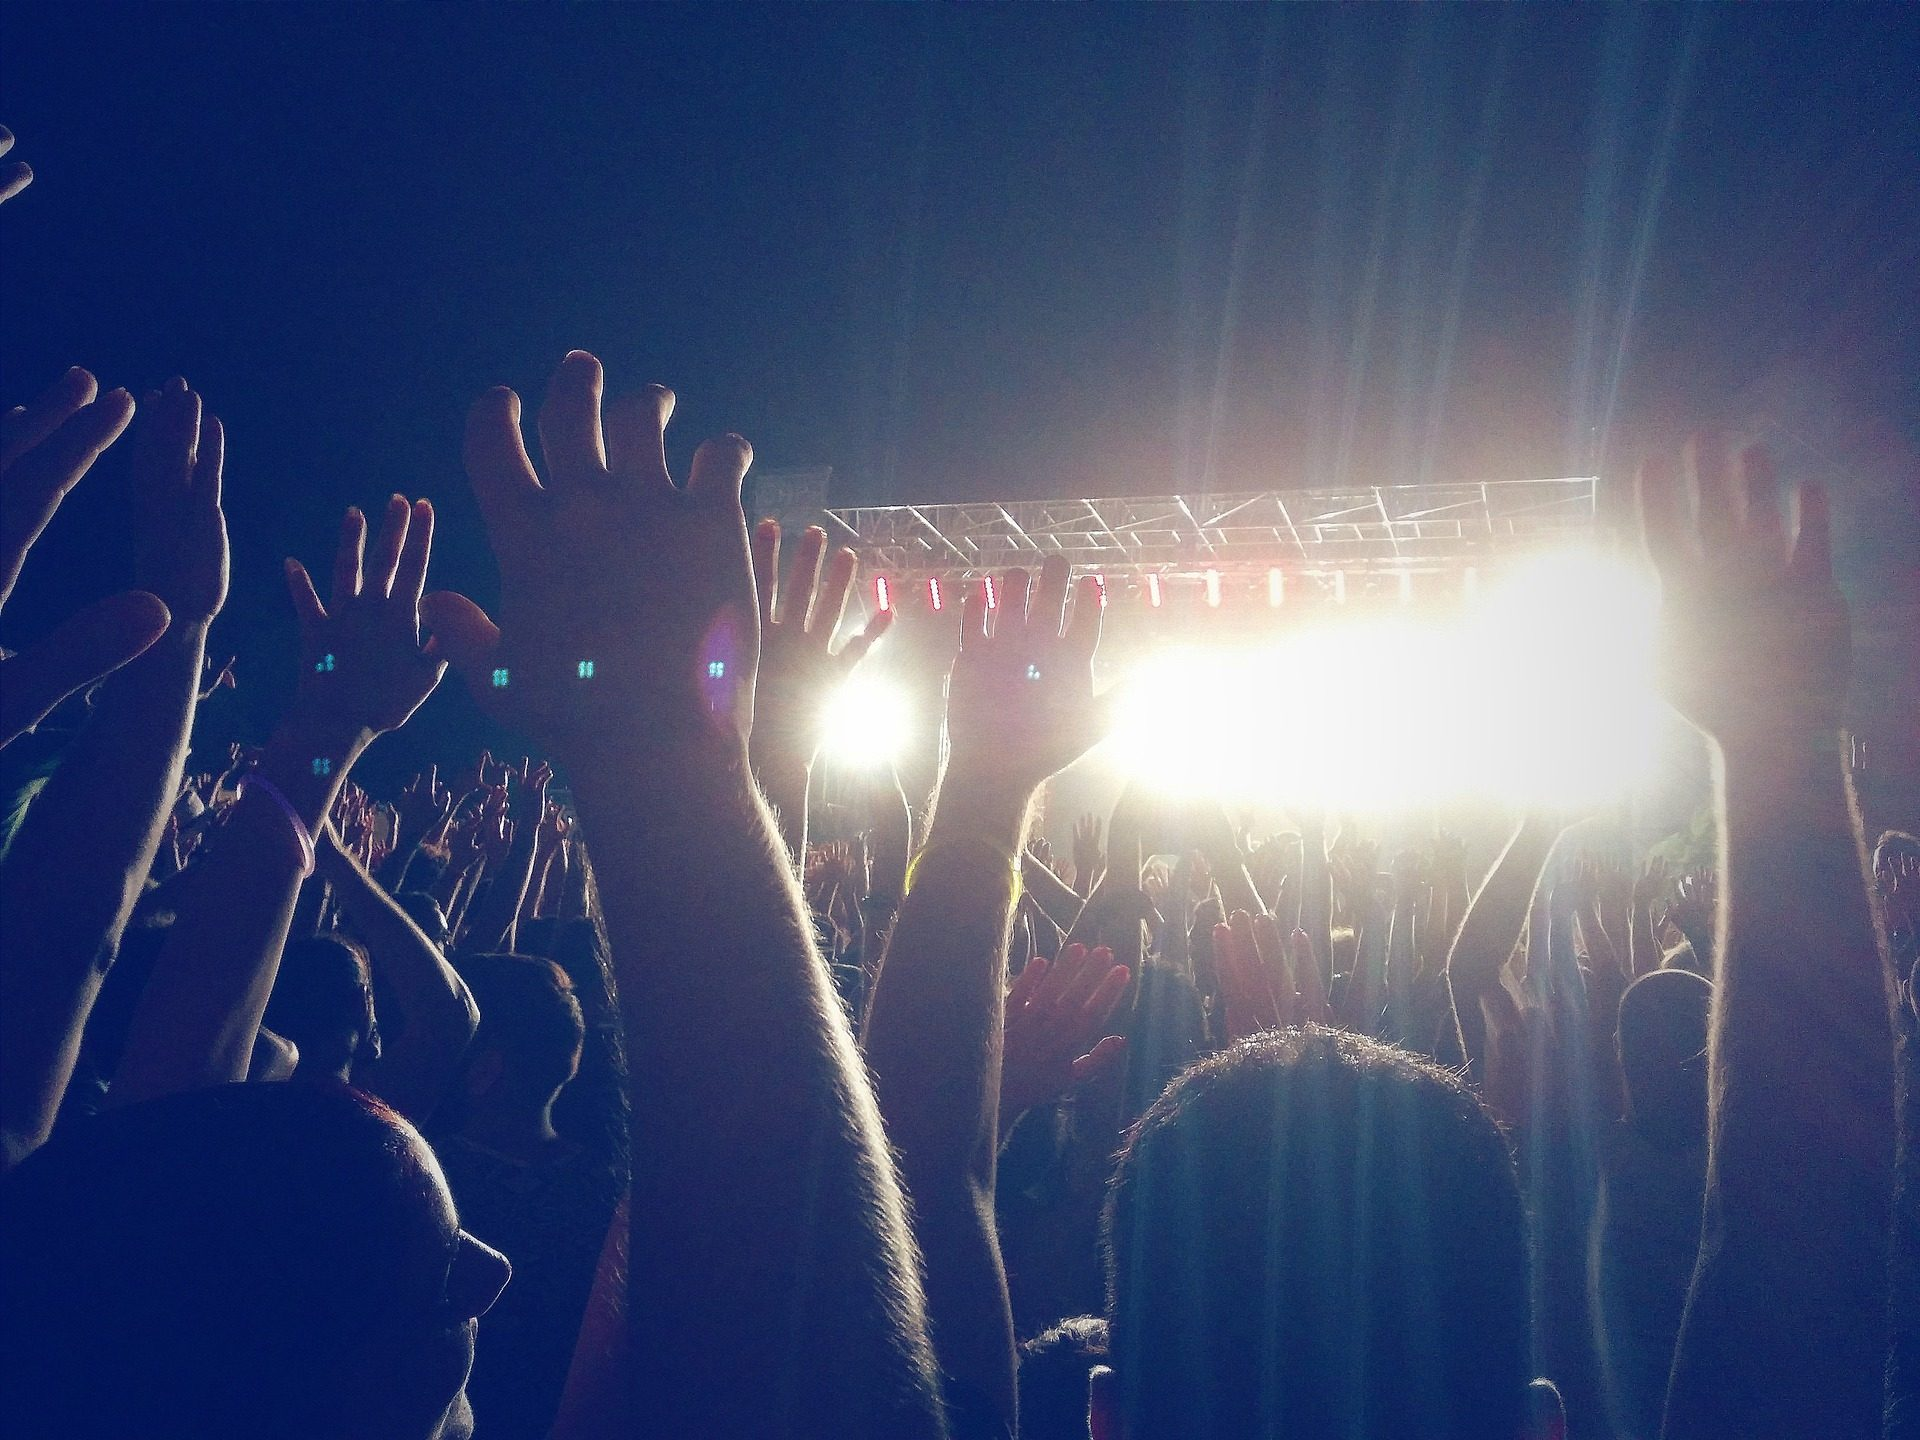 concerto, mani, luci, faretti, divertimento - Sfondi HD - Professor-falken.com